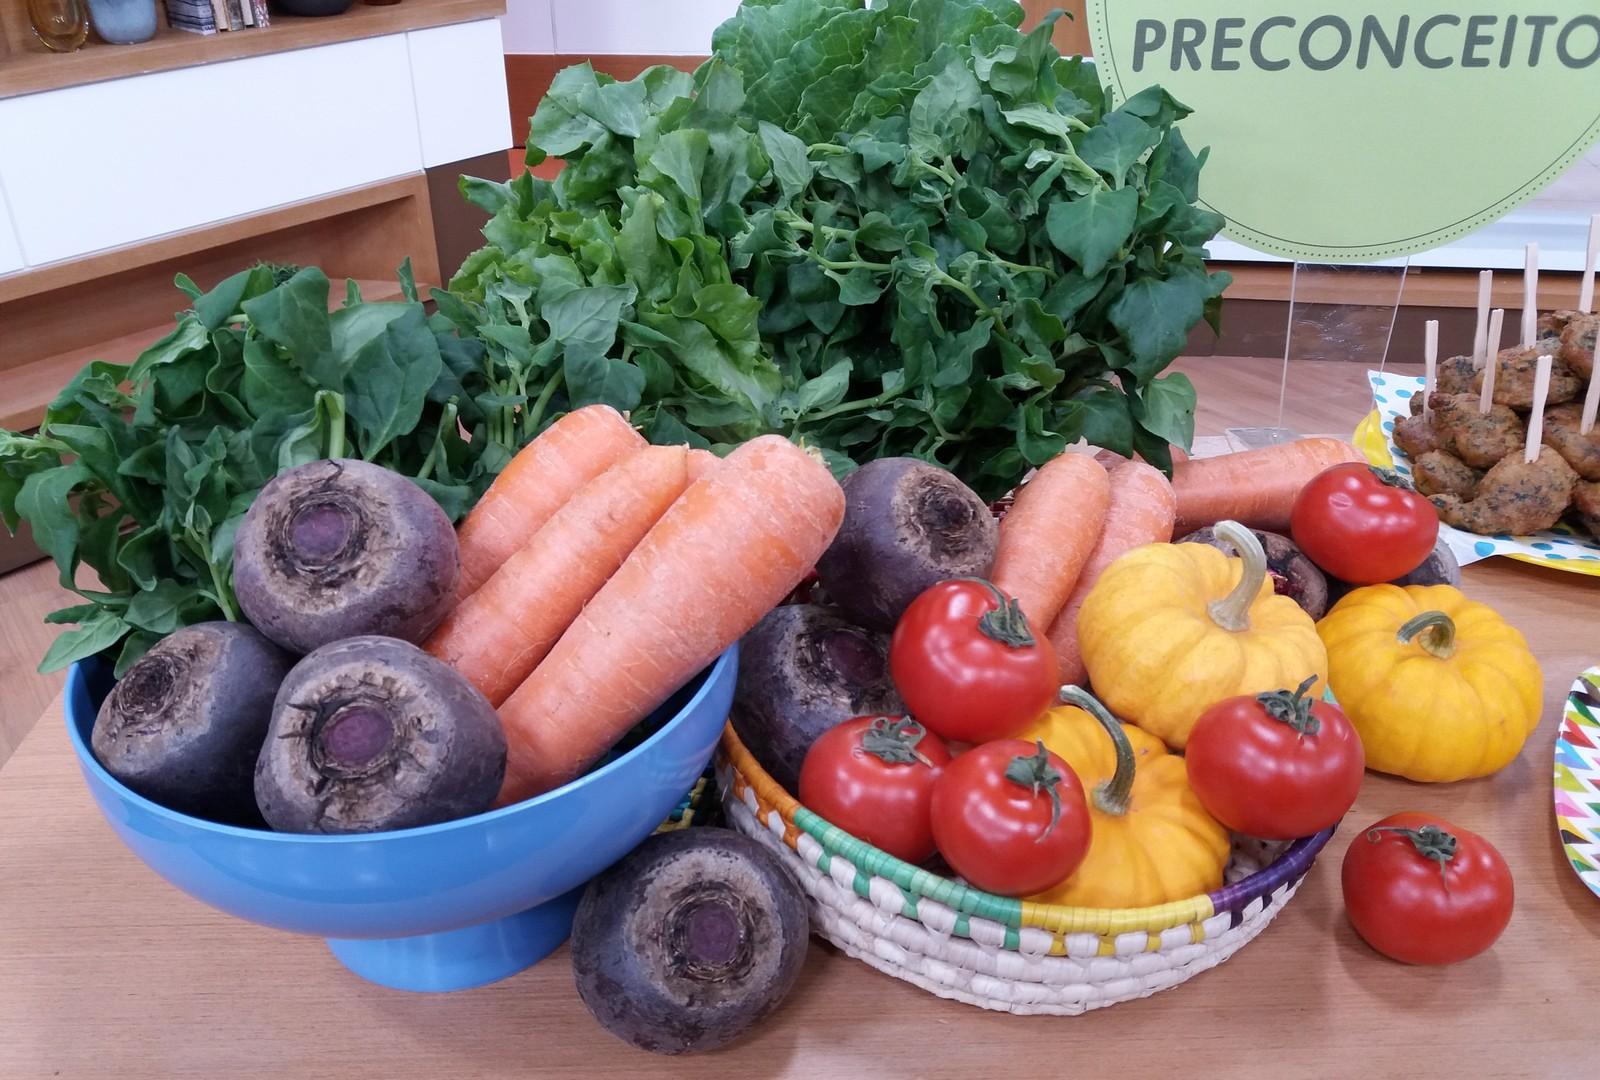 Alimentação saudável: crianças devem ter contato com frutas e vegetais desde a introdução alimentar